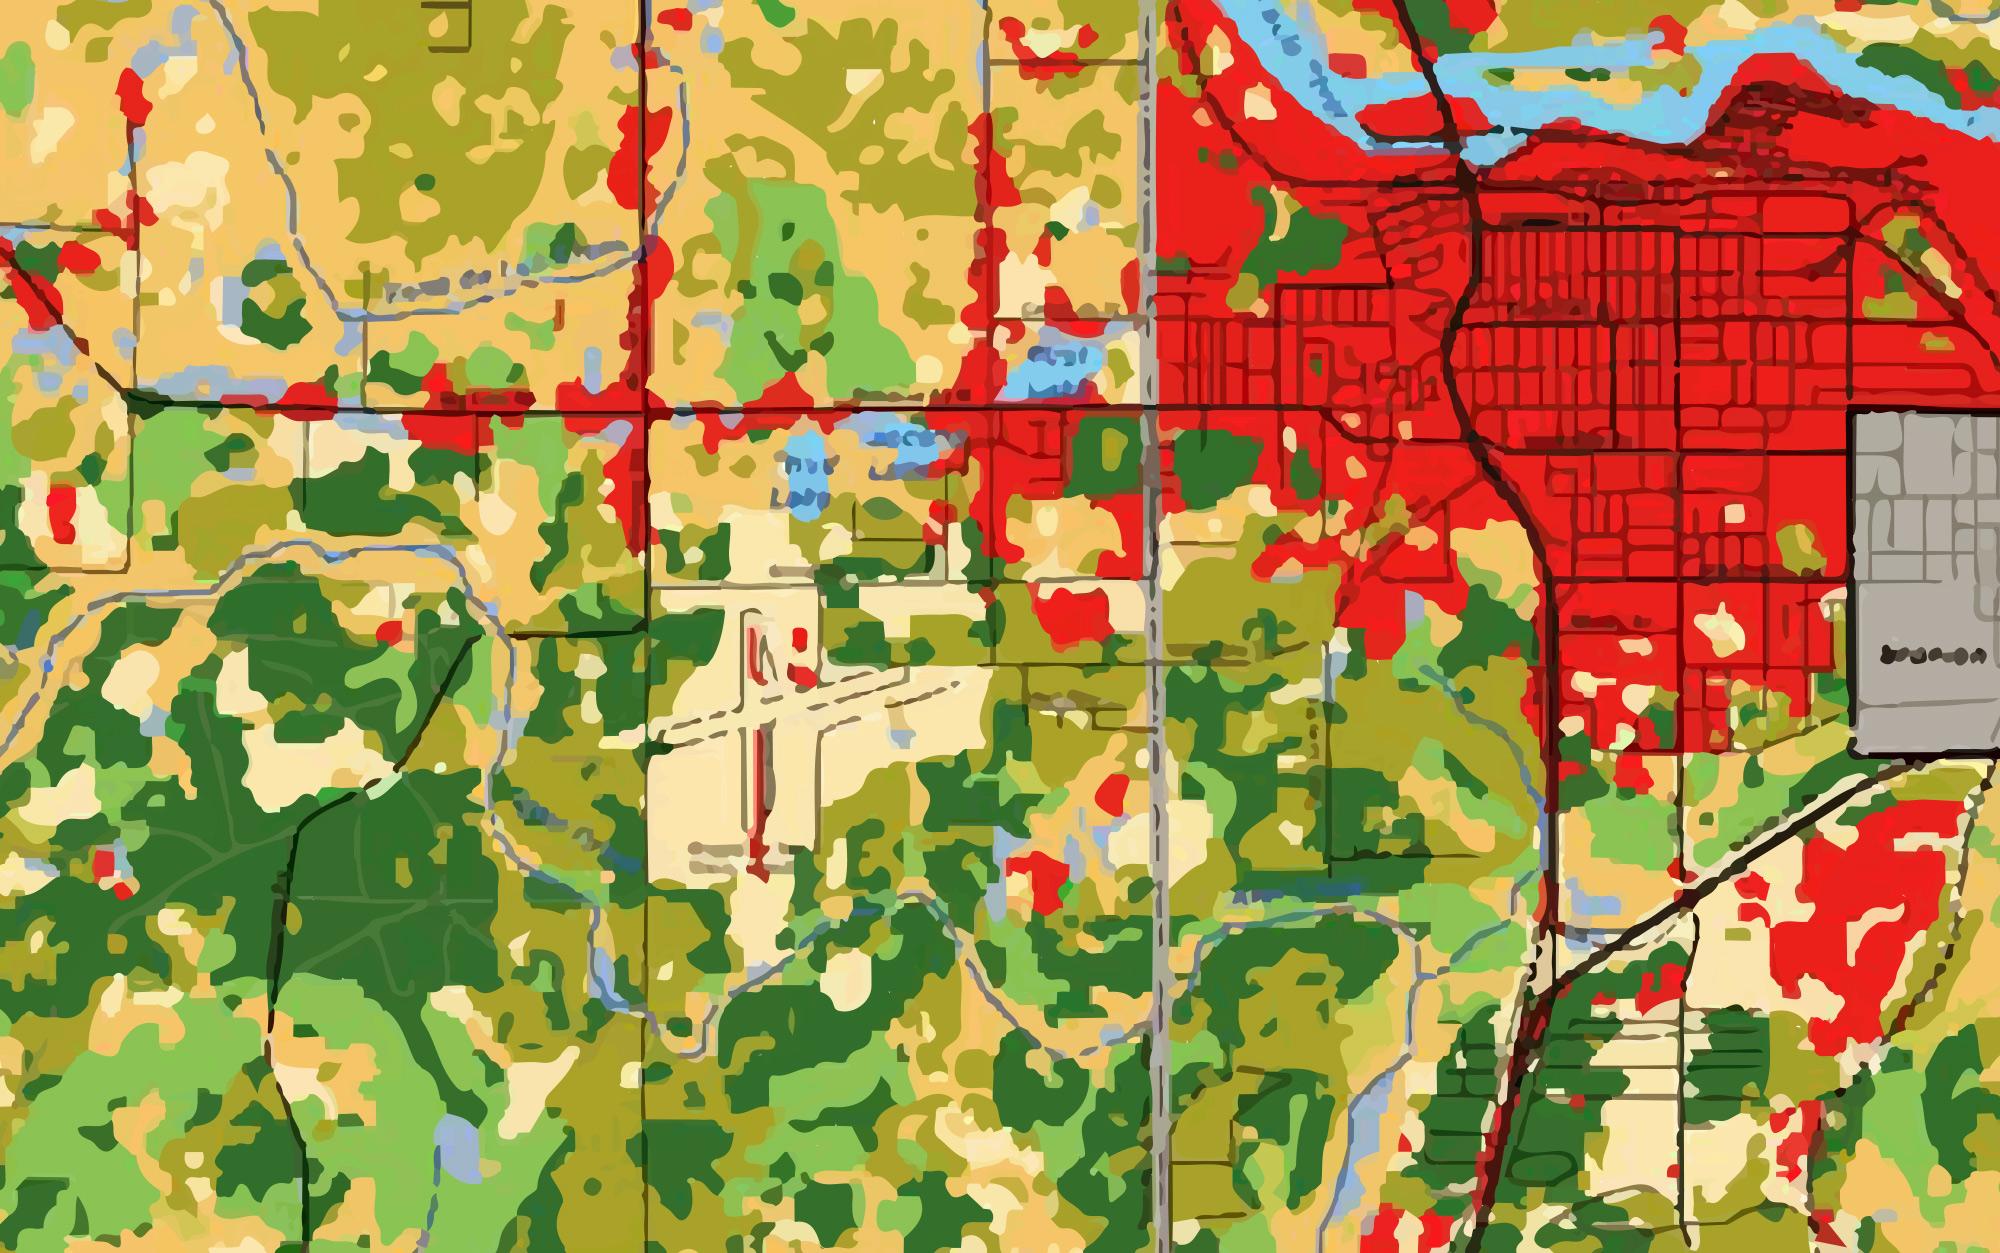 City of Cloquet Comprehensive Plan